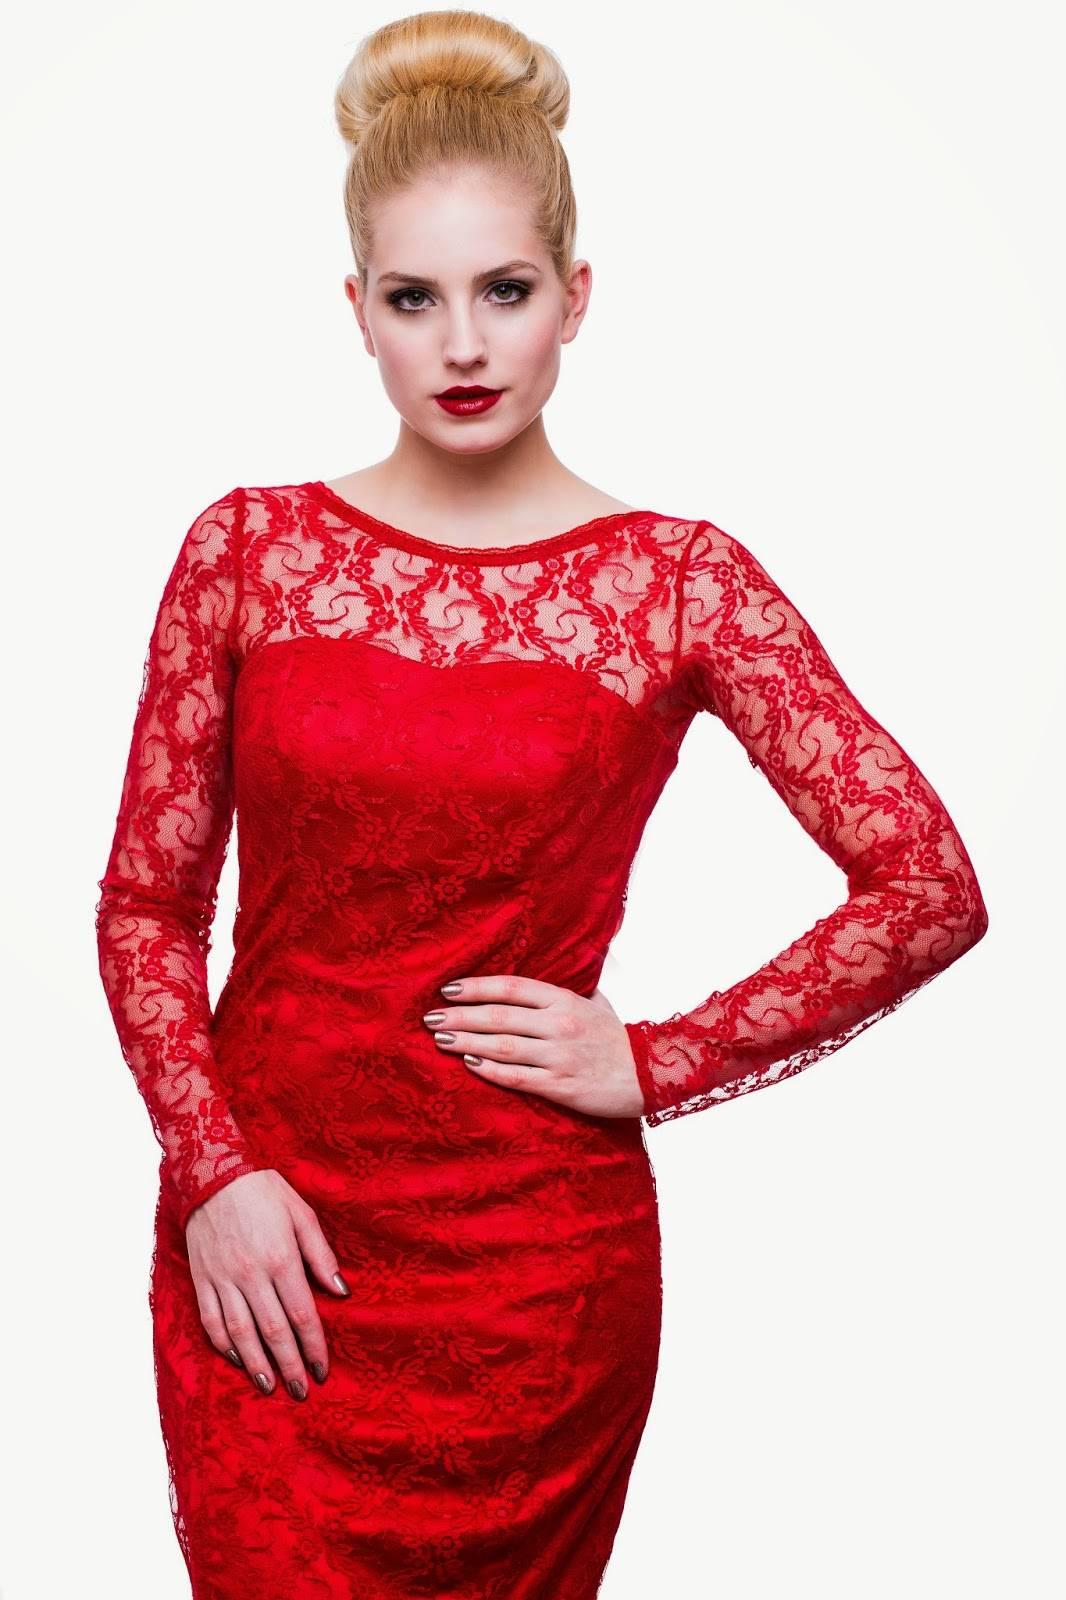 rdeča_obleka_ajda_sitar_božično_voščilo (2)